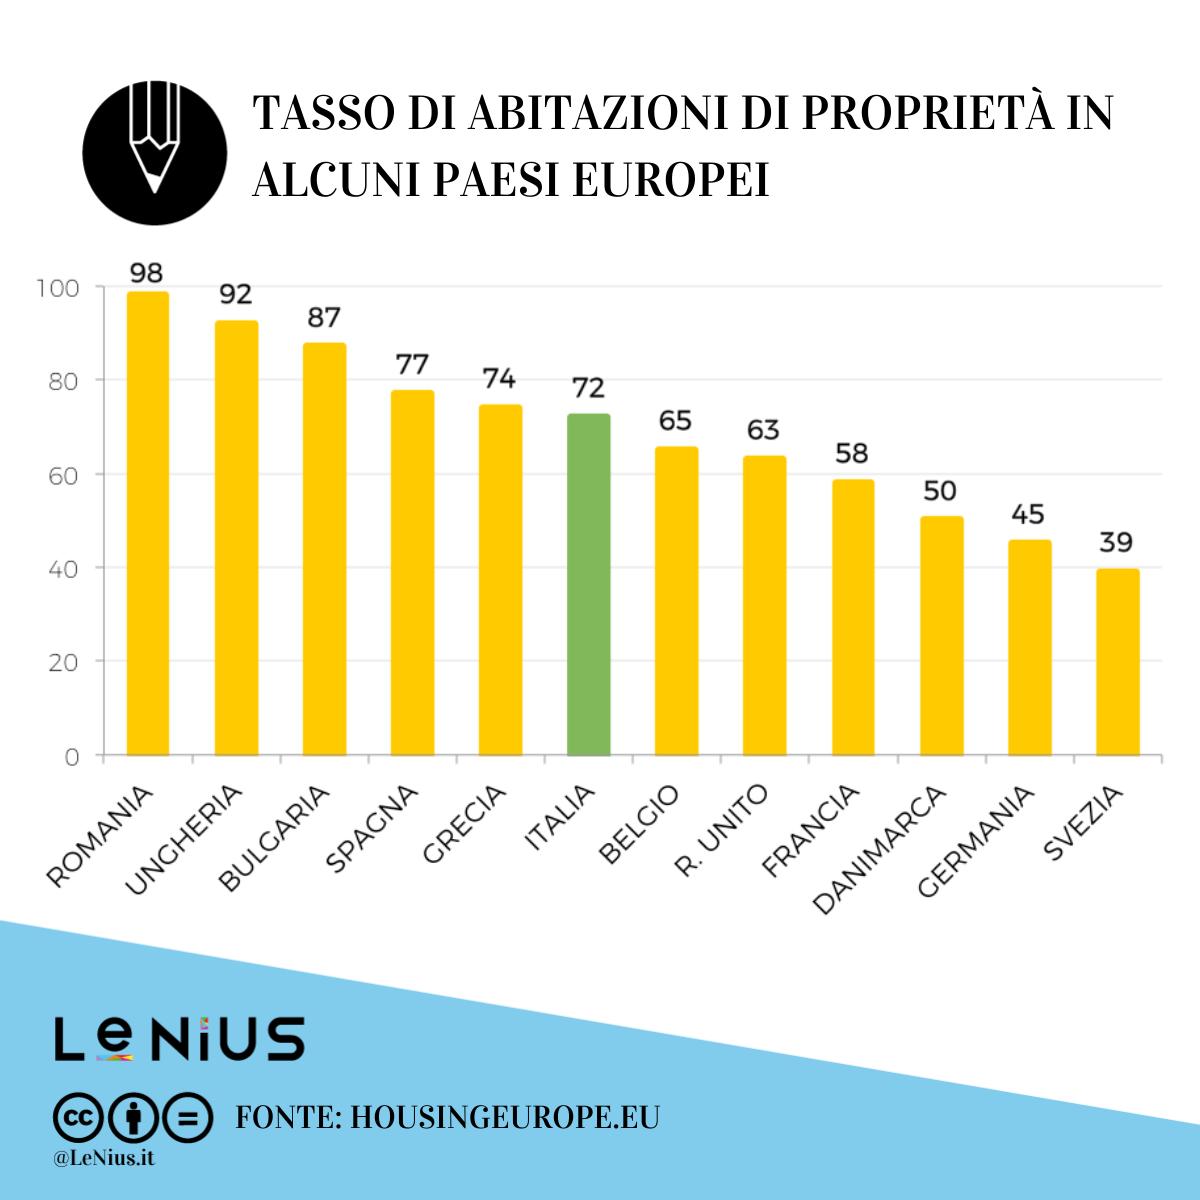 tasso abitazioni in proprietà europa